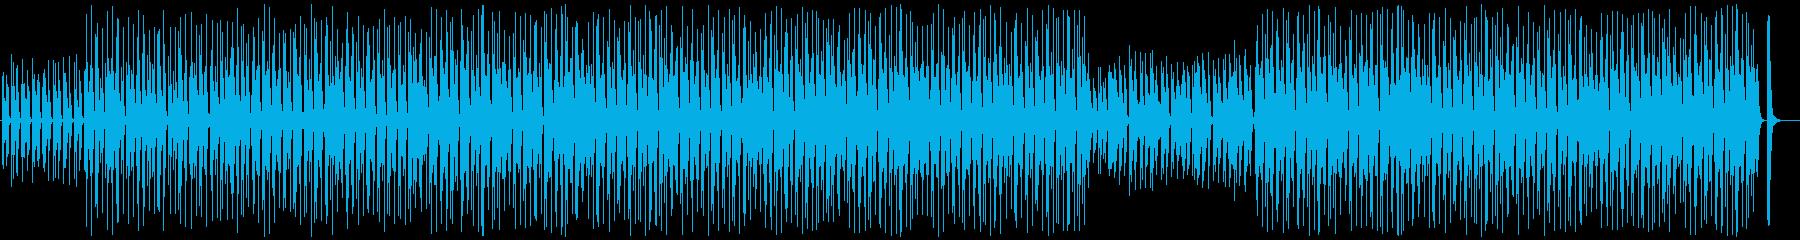 Ukulele, whistling, slow, leisurely's reproduced waveform